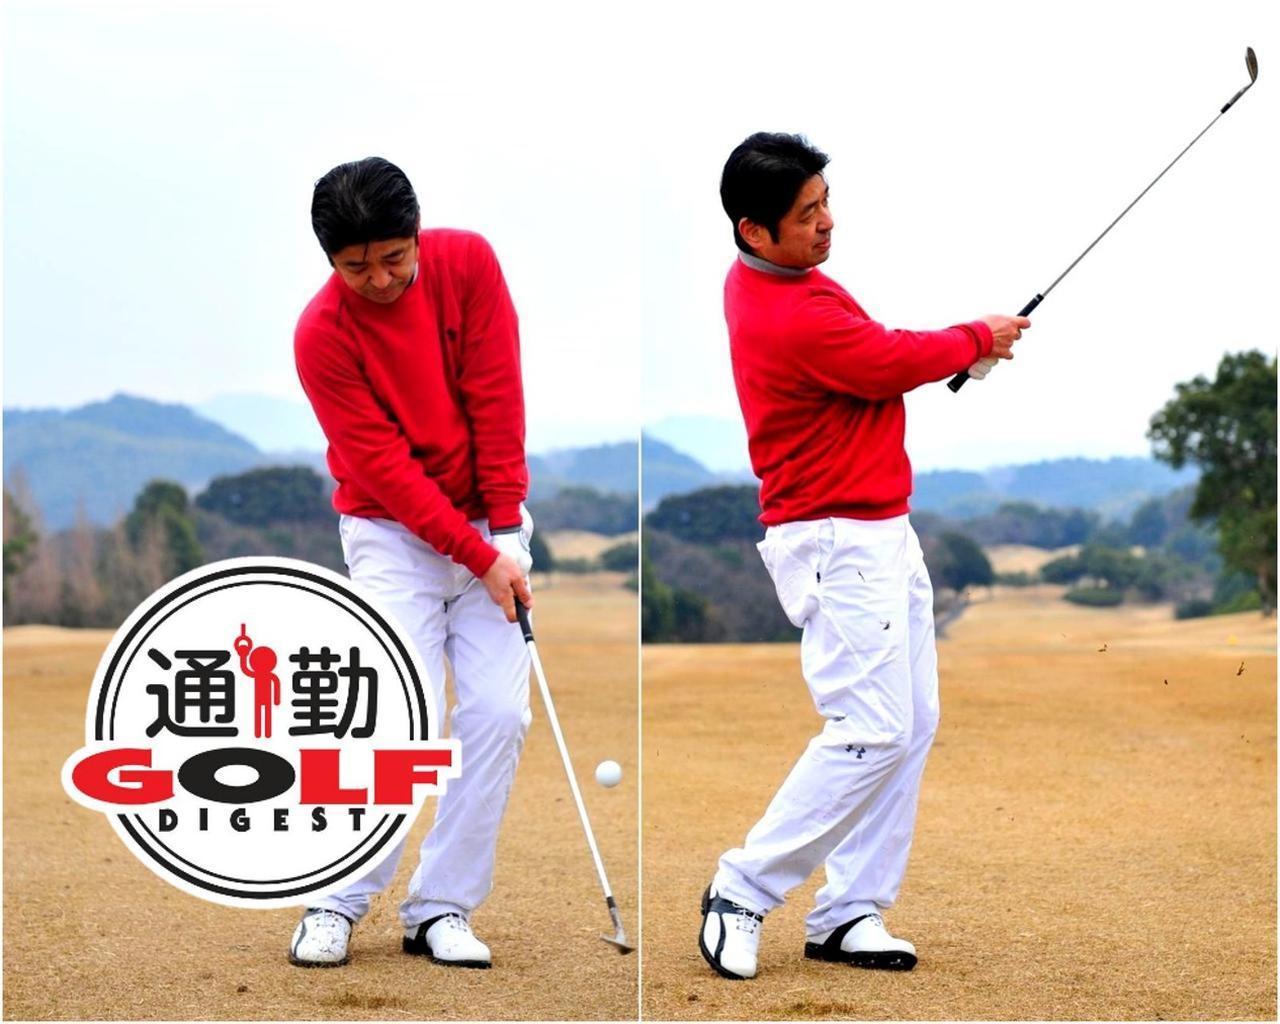 画像: 【通勤GD】伊澤利光「イザワの法則」Vol.12 大学を辞めてプロを目指した理由 ゴルフダイジェストWEB - ゴルフへ行こうWEB by ゴルフダイジェスト